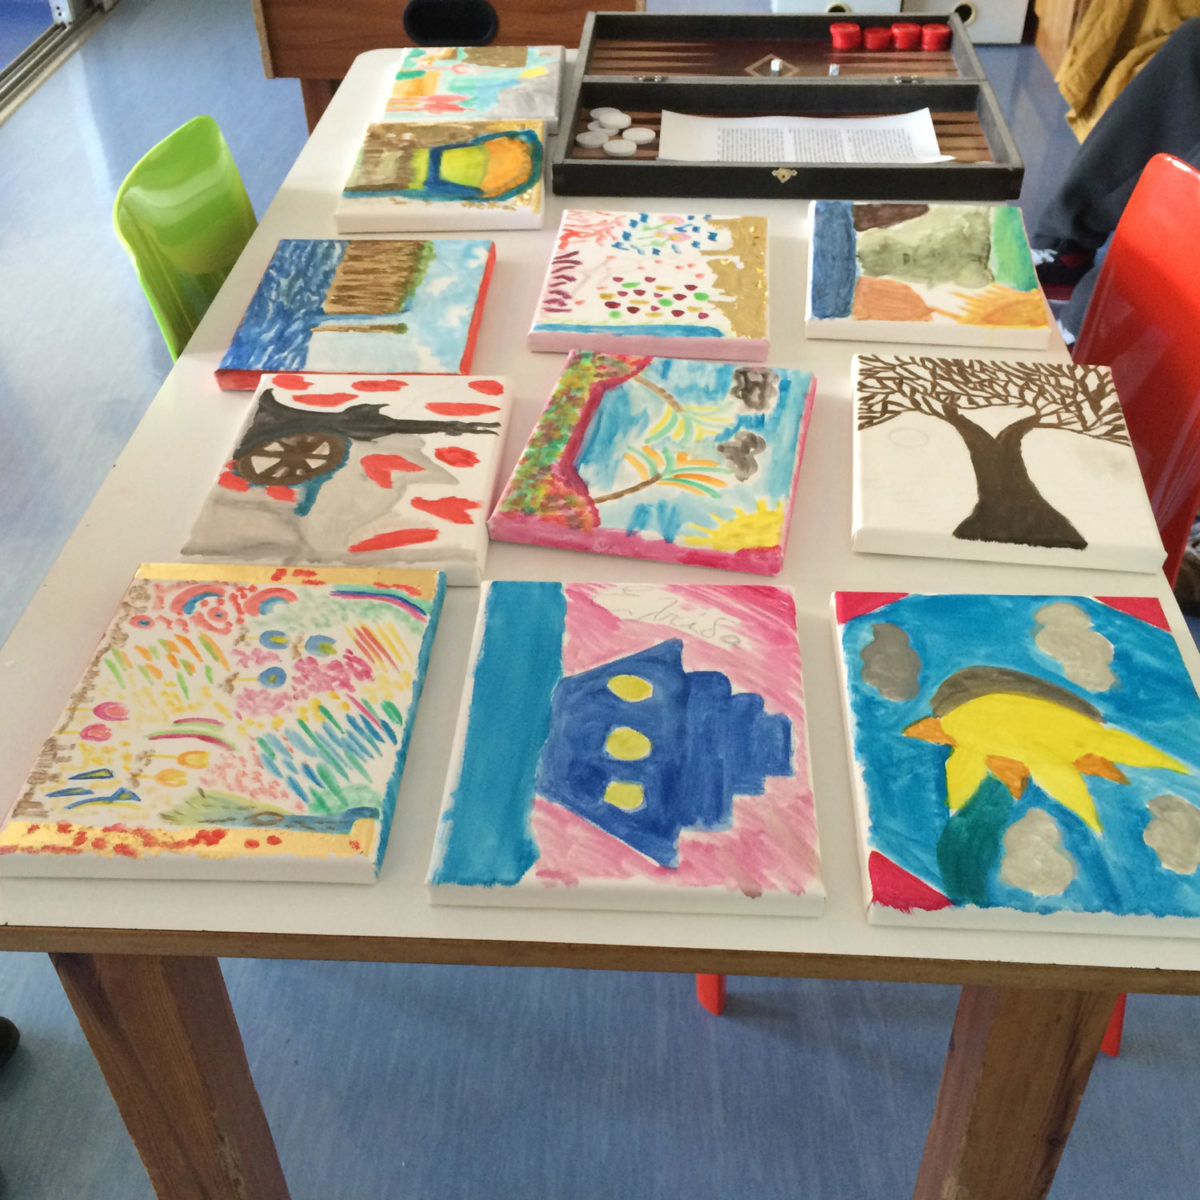 Εικ. 3. Τα έργα των παιδιών σε καμβάδες, από το πρόγραμμα «Επιδράσεις της βυζαντινής ζωγραφικής στους σύγχρονους καλλιτέχνες».